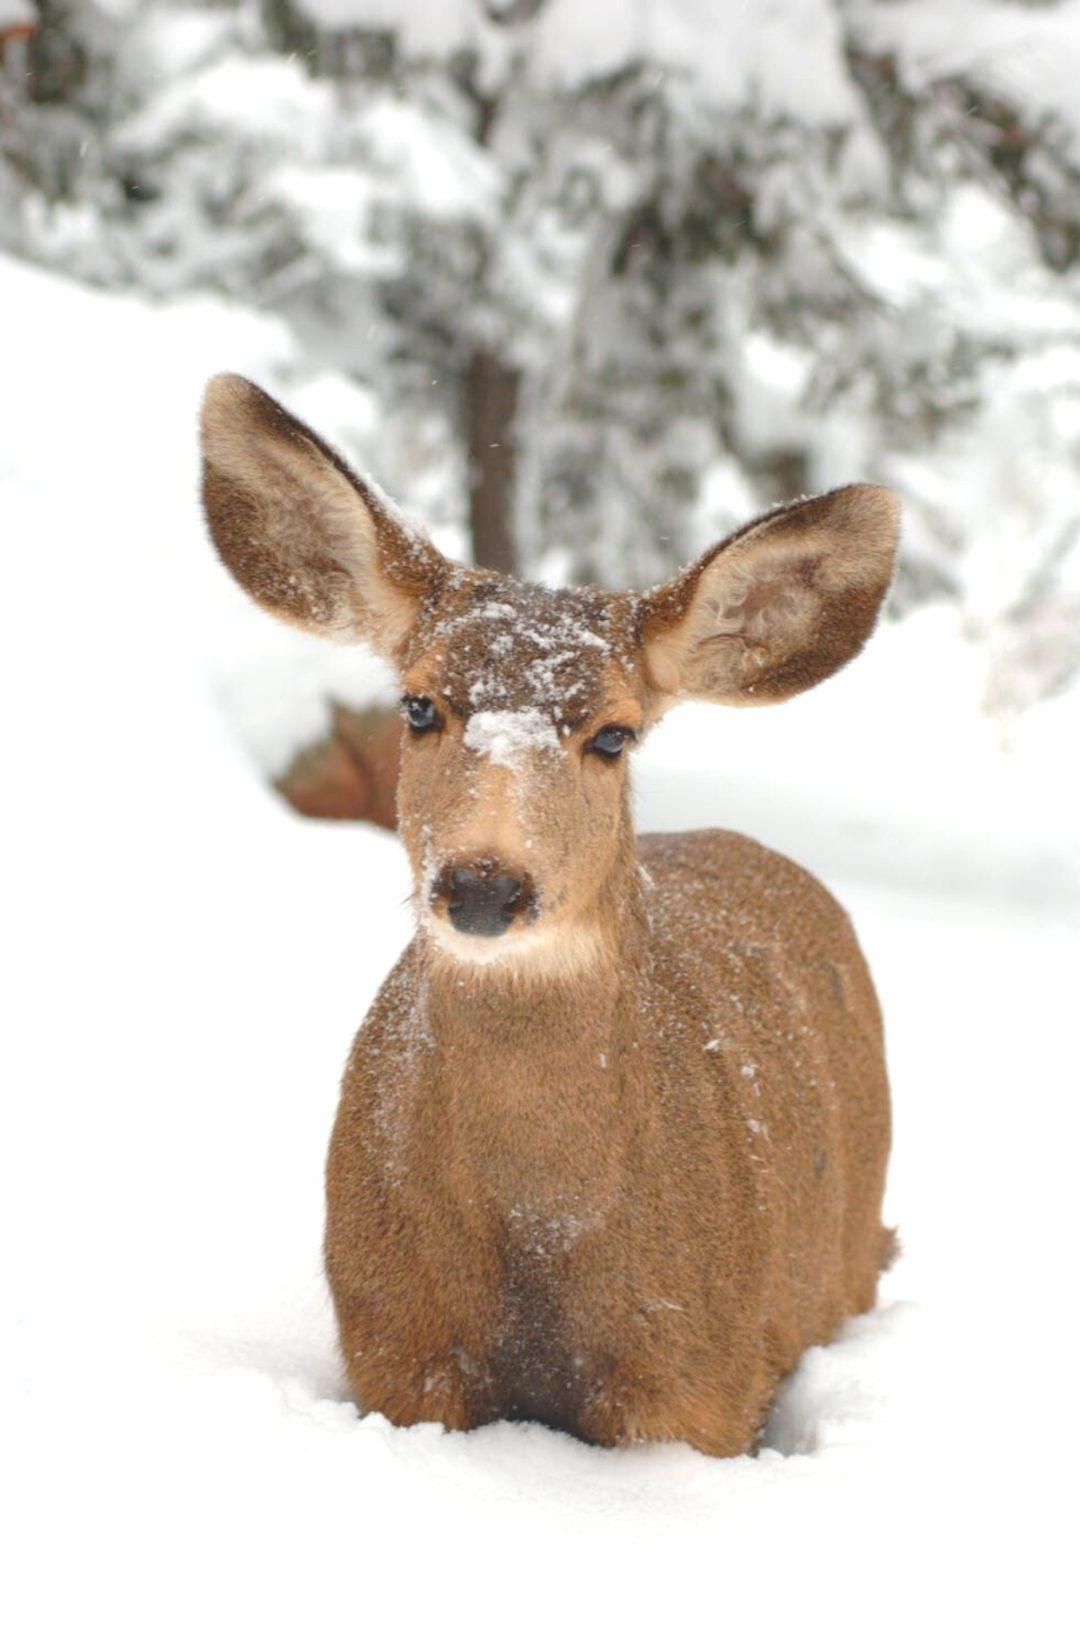 Reindeer wallpaper for iphone, winter wallpaper